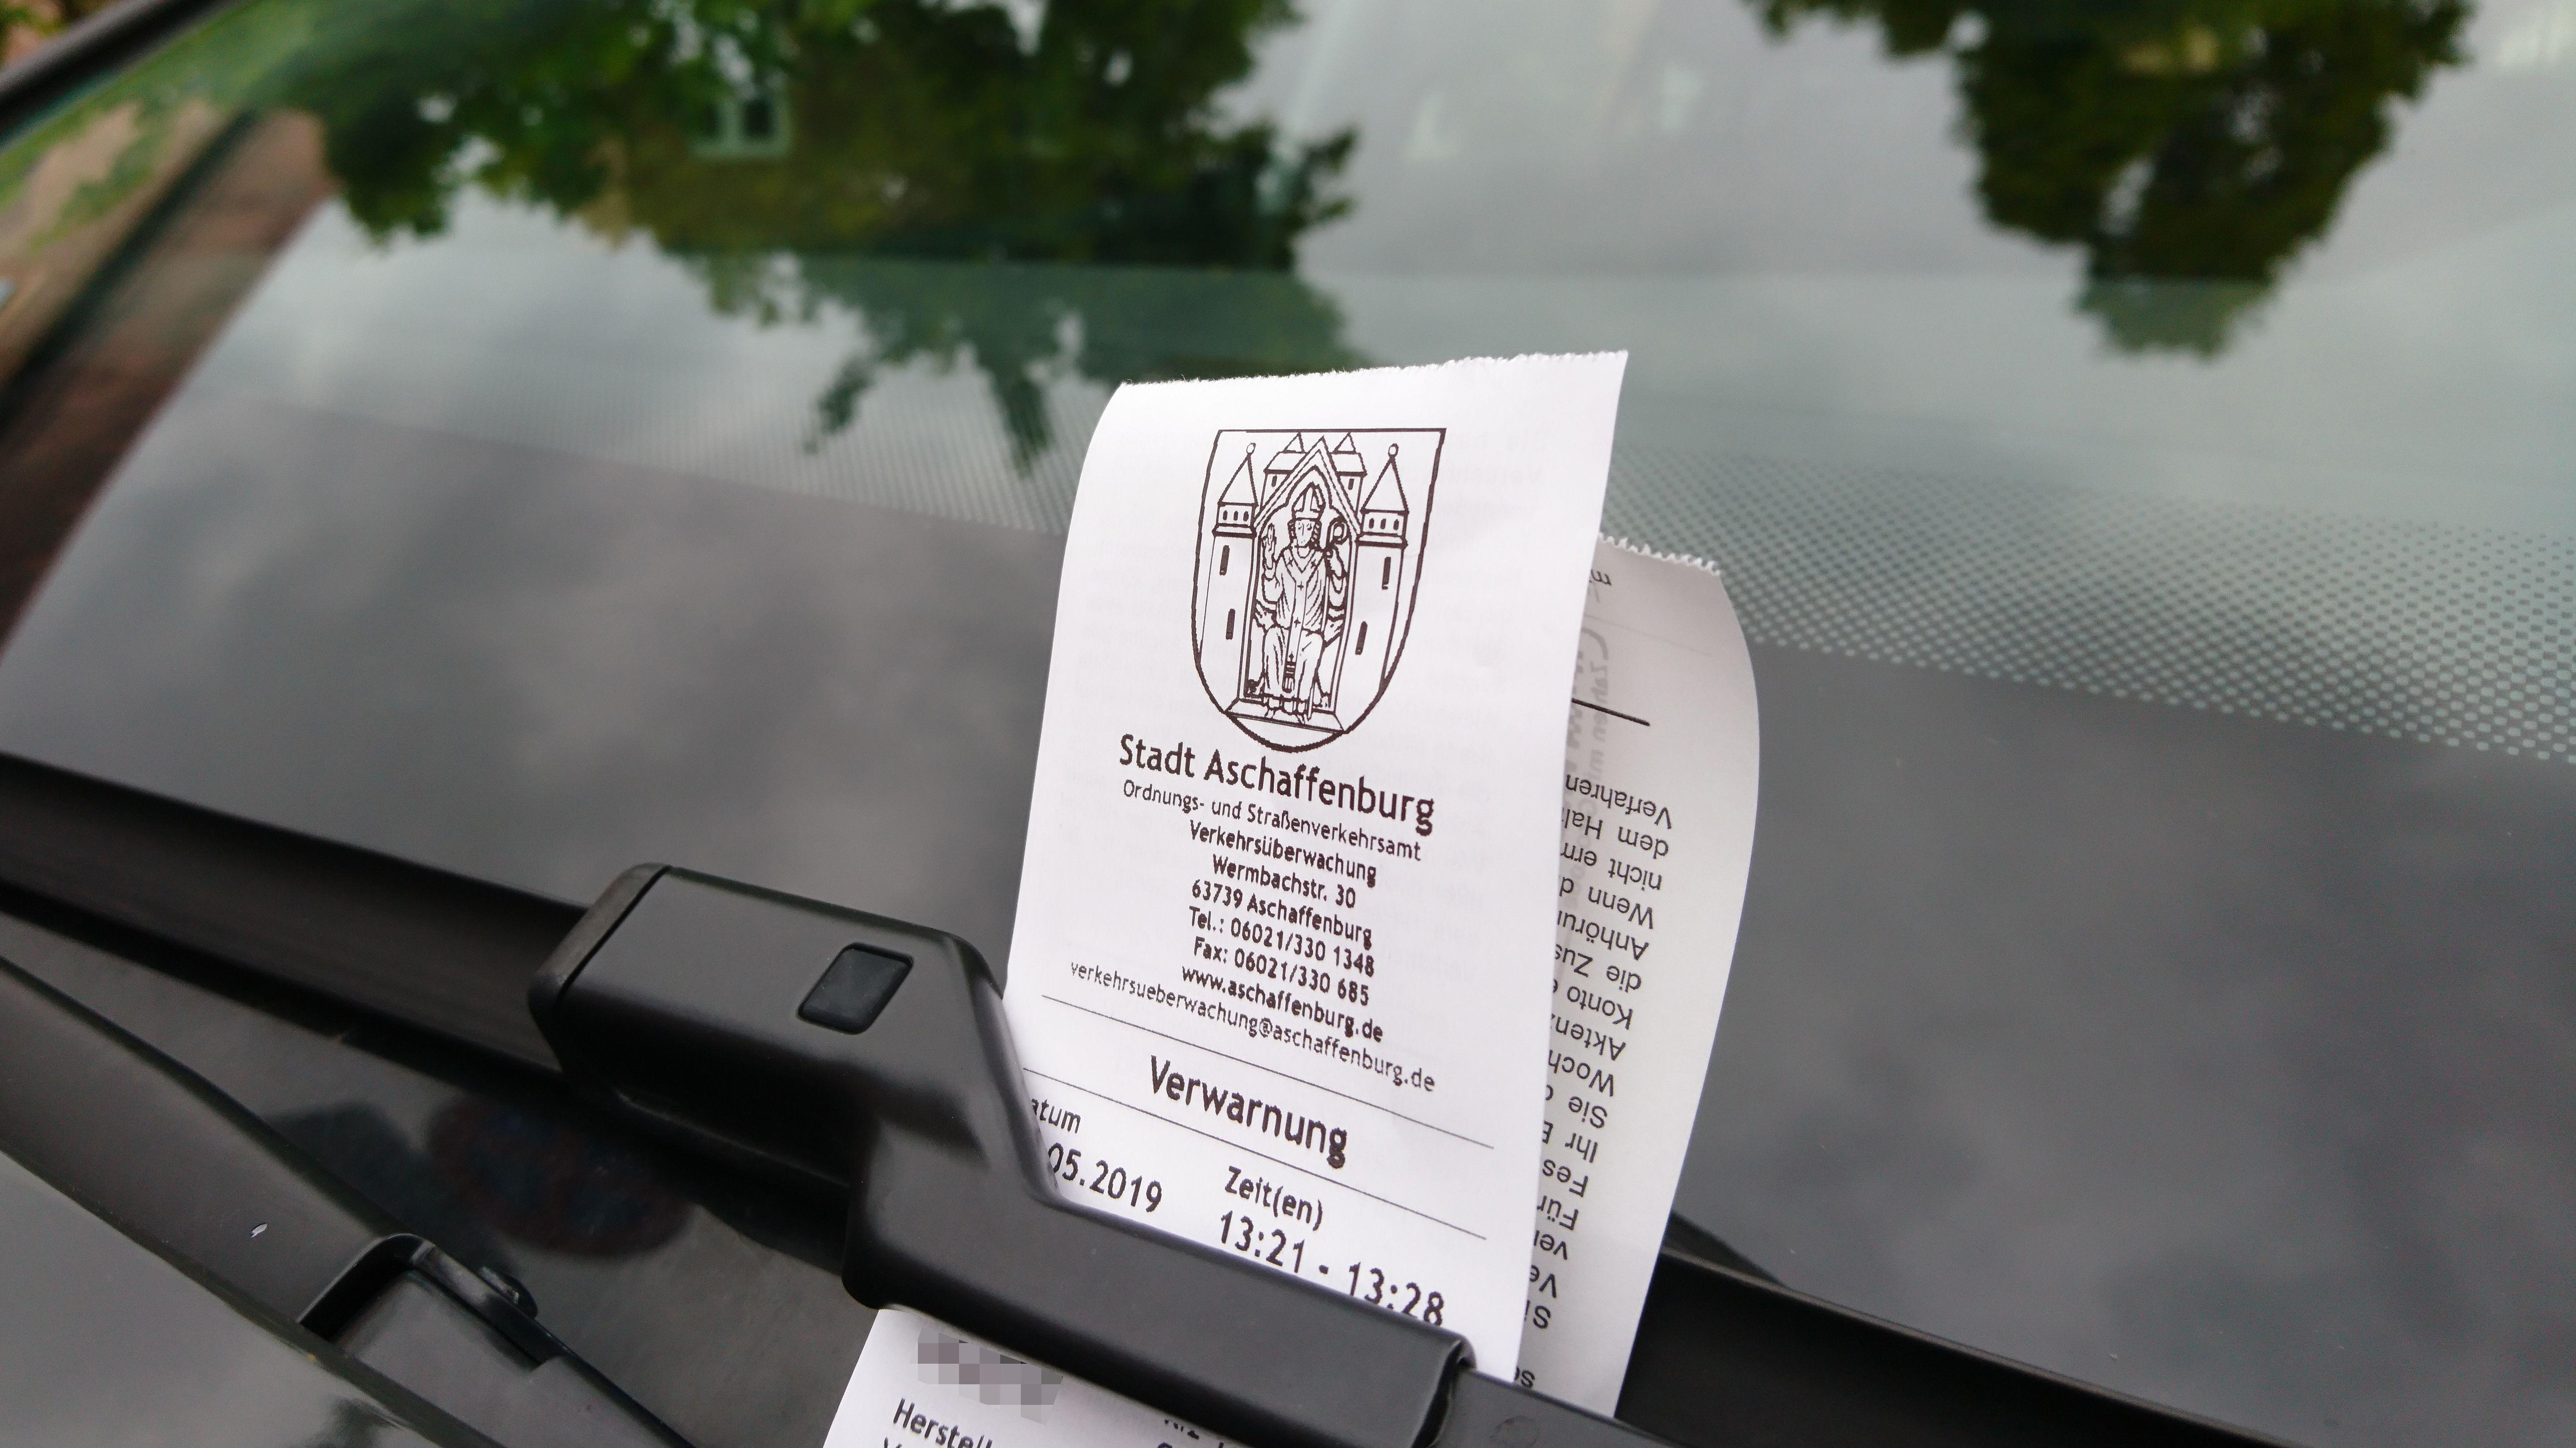 Falschparker: Wie macht man es richig